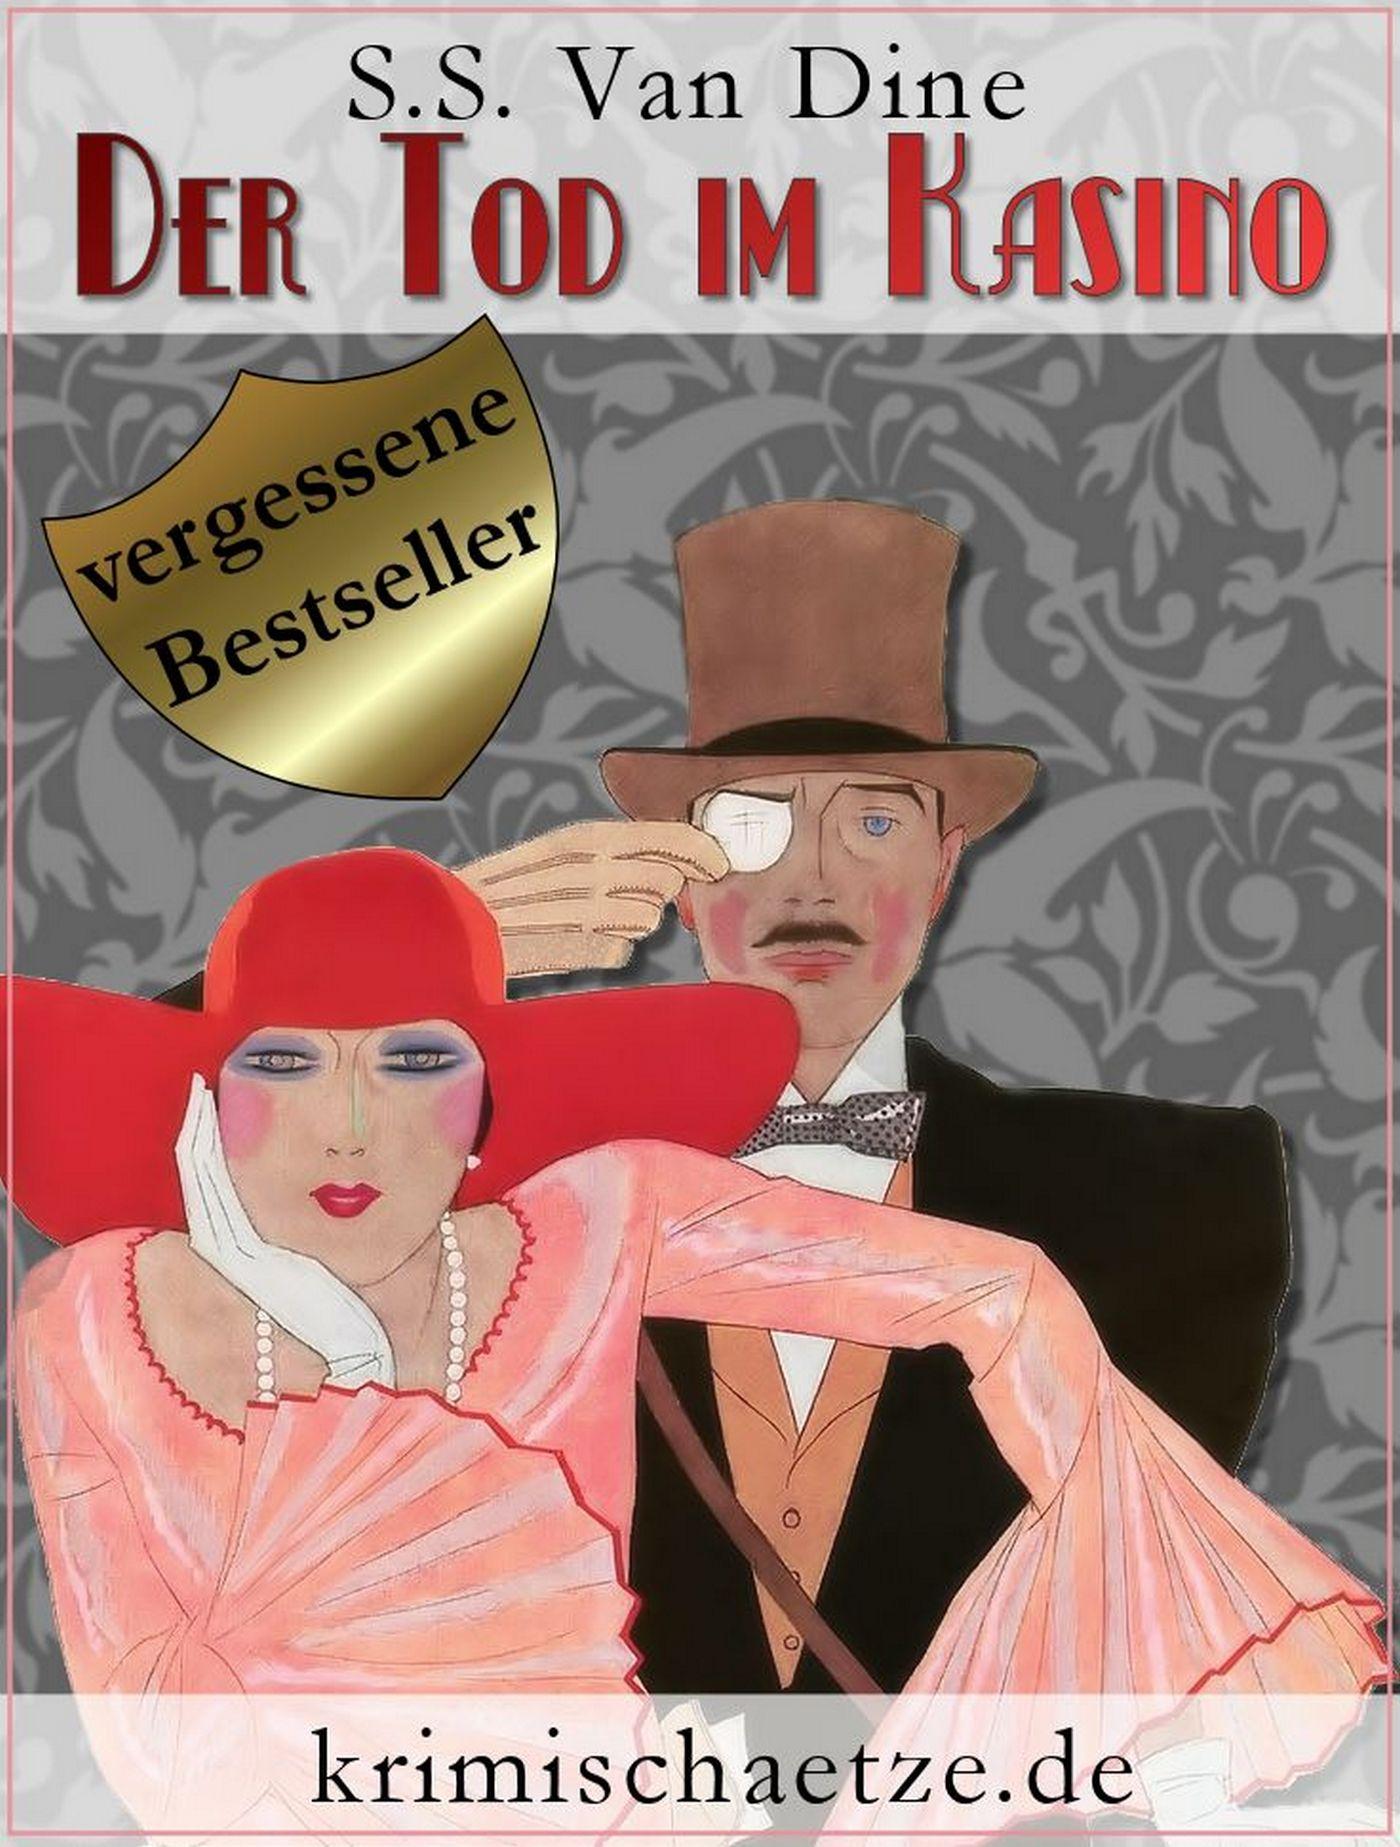 S. S. Van Dine Der Tod im Kasino